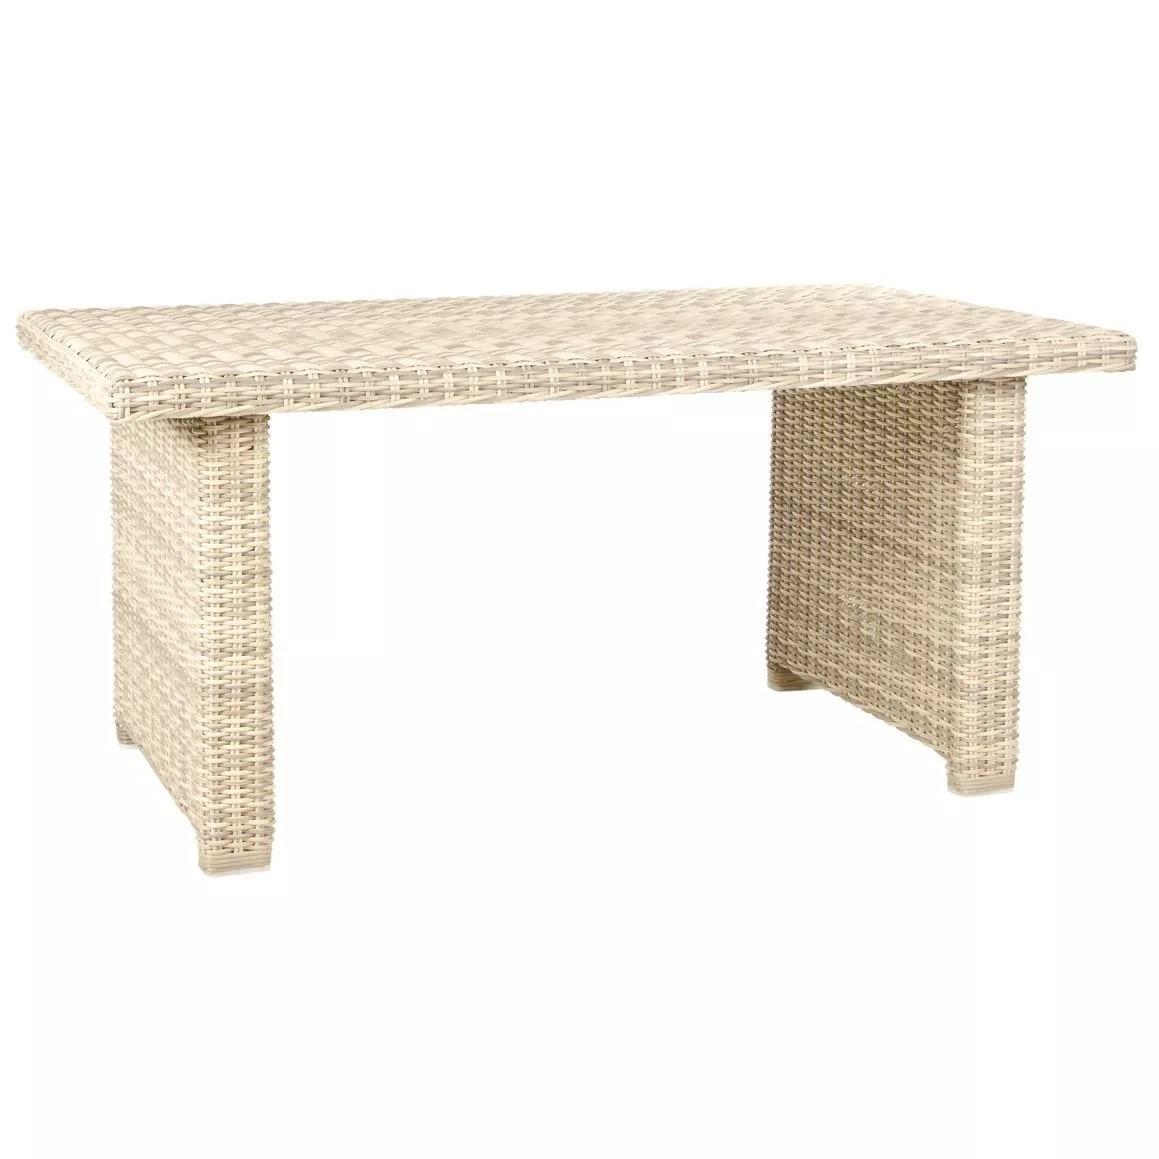 Tisch Klappbar Ikea Wei Klappbar Balkon Tisch Klappbar Wei With